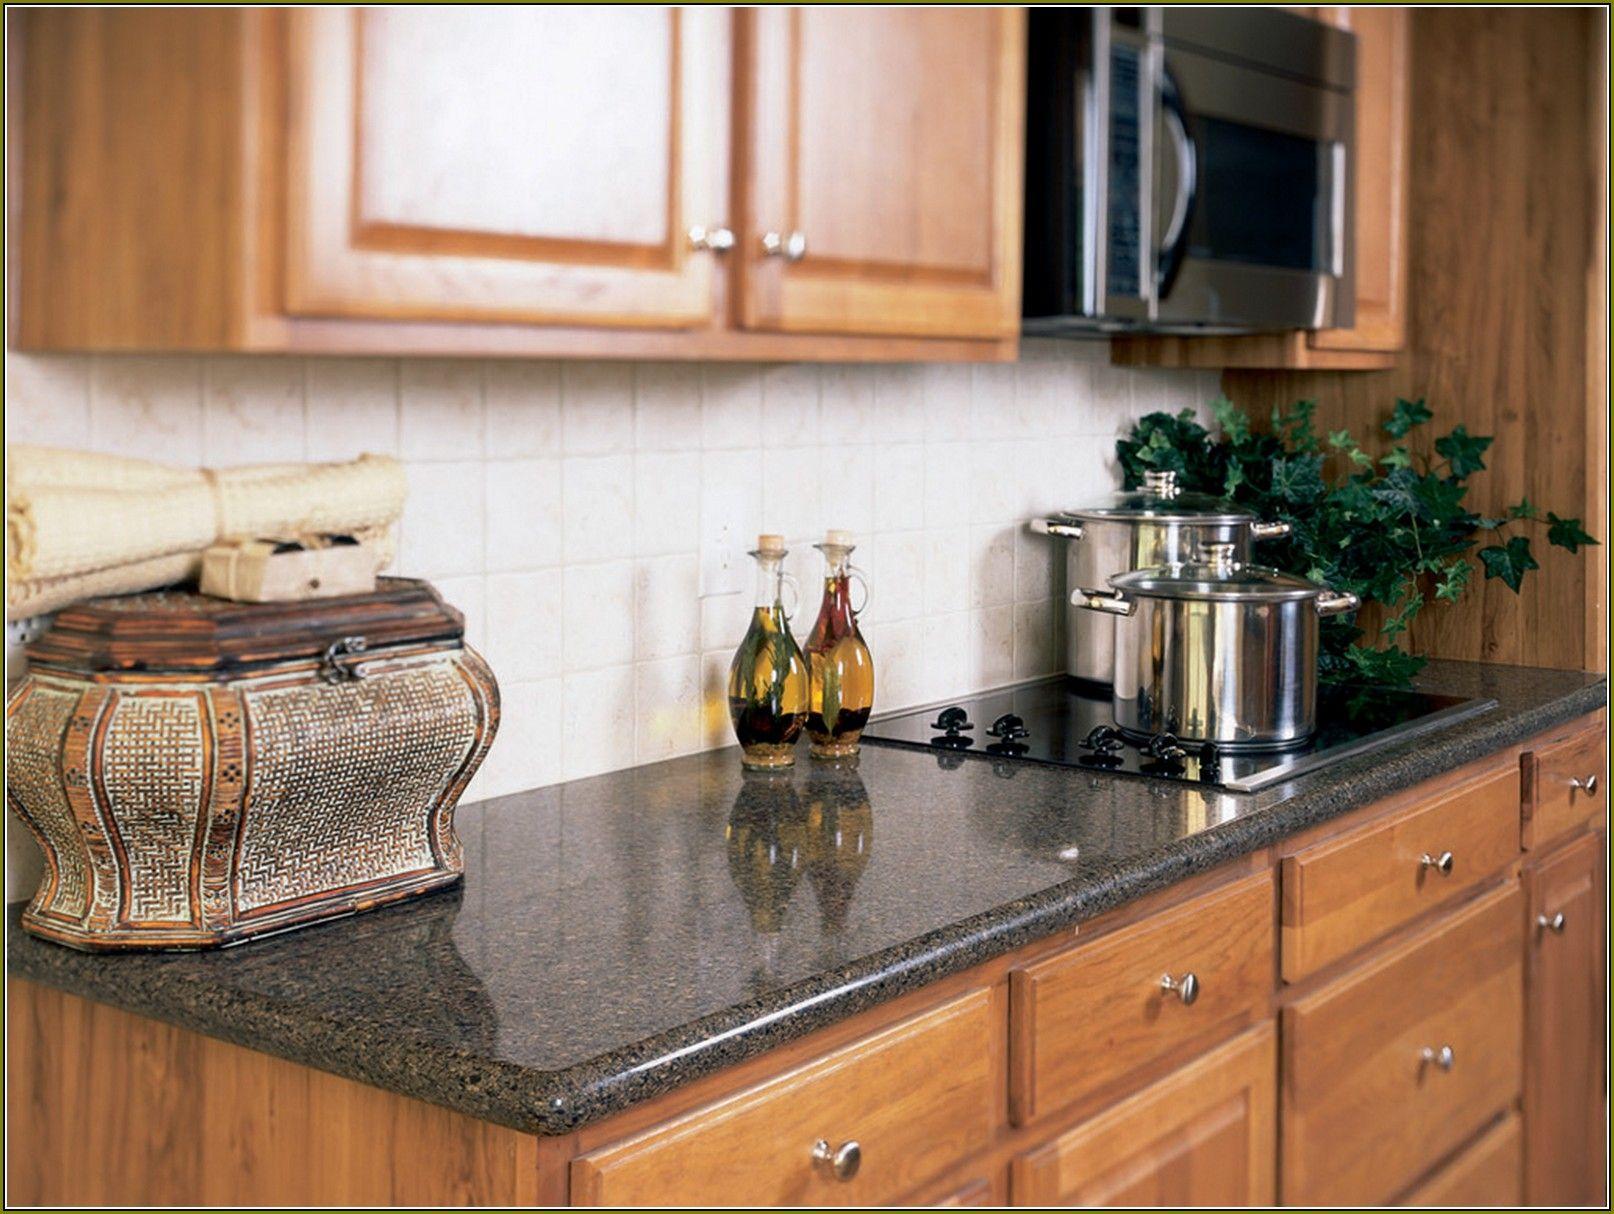 Honey Oak Backsplash Kitchen and